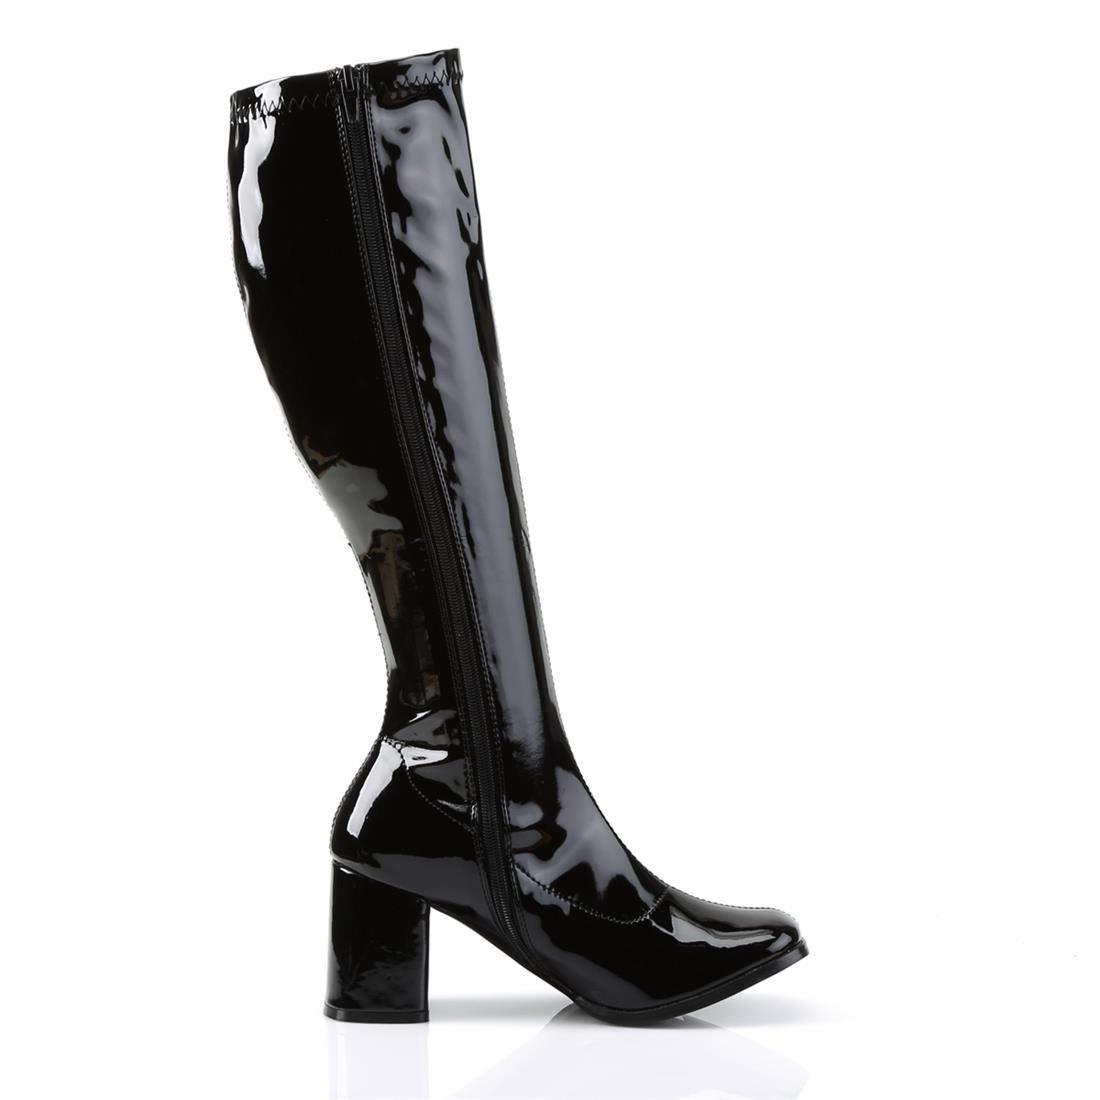 10b9c4042b990 Funtasma by Pleaser Women's Gogo-300 Boot